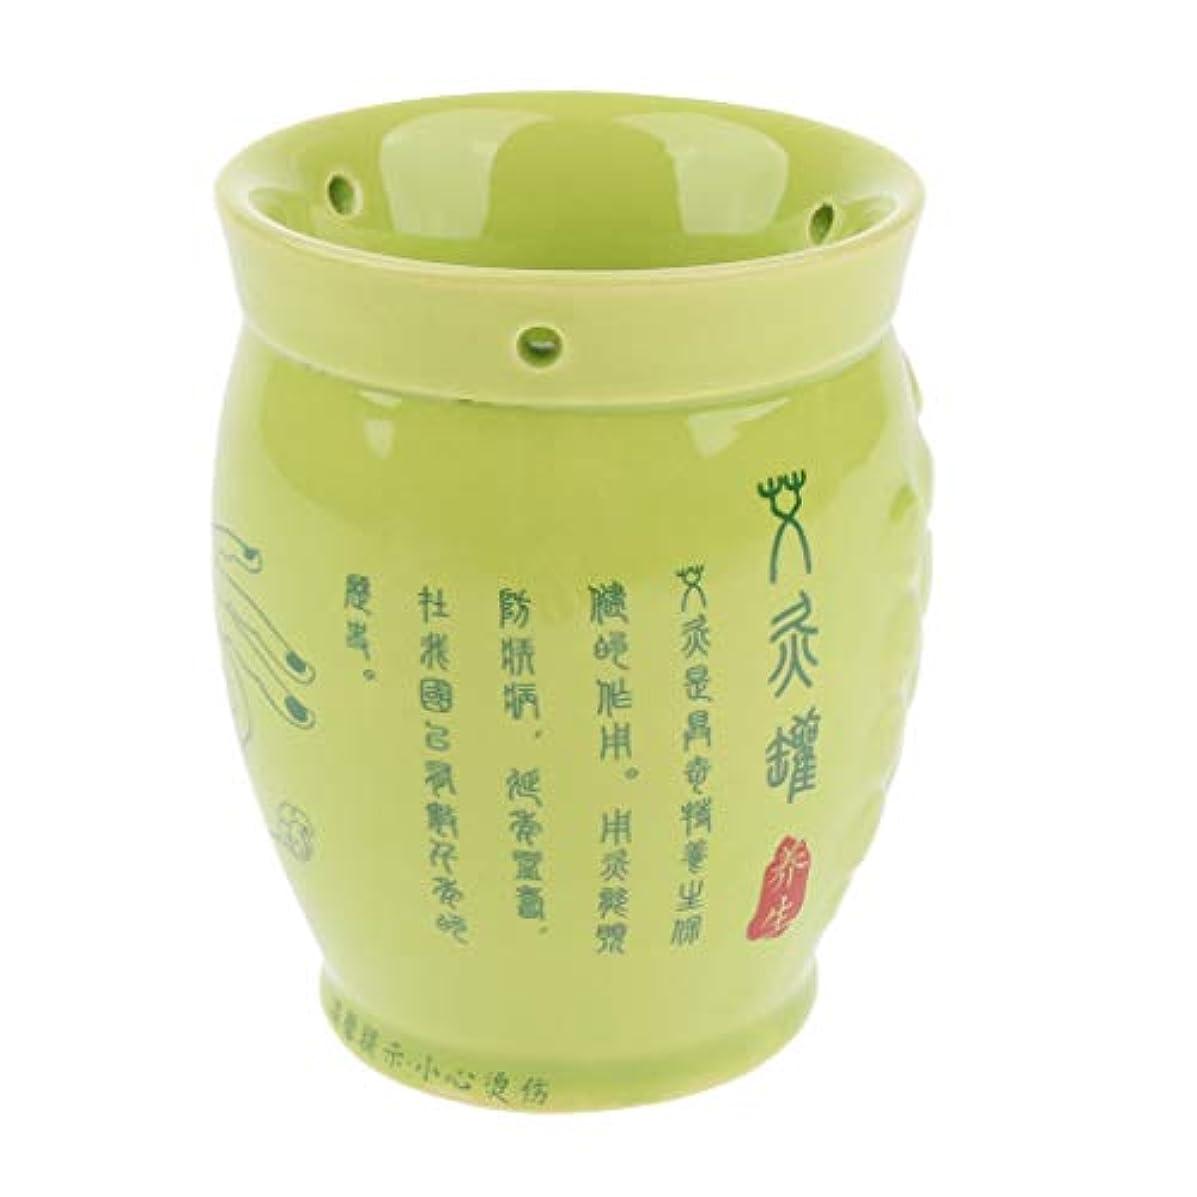 話をする大陸チャップD DOLITY 中国式カッピングカップ 缶 ポット マッサージ お灸 セラミック製